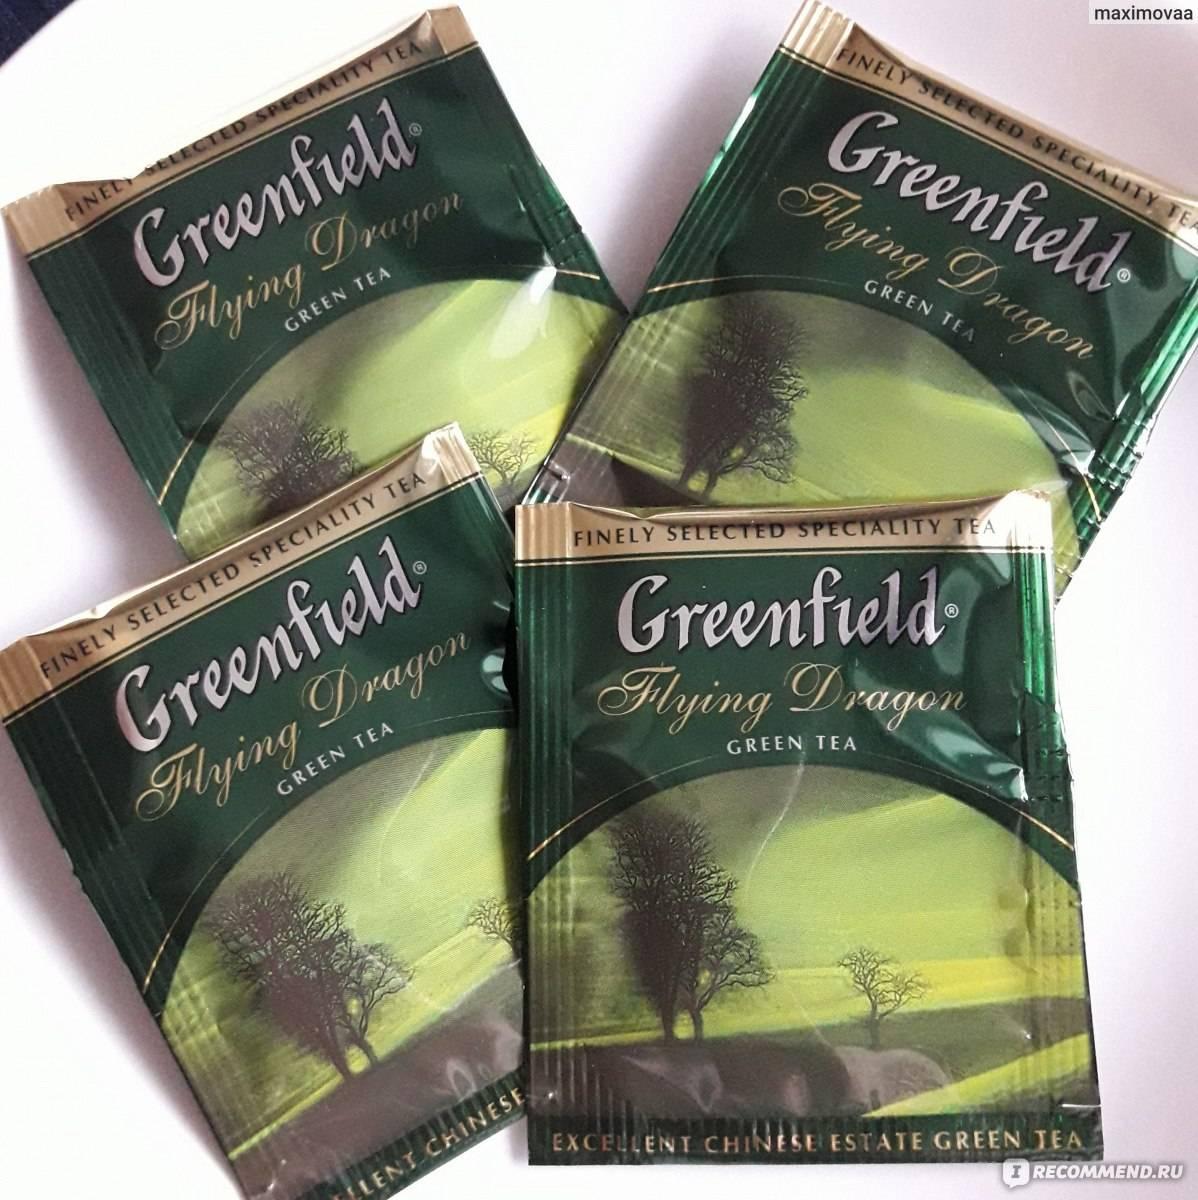 Какой чай полезнее для здоровья? белый, черный или зеленый?